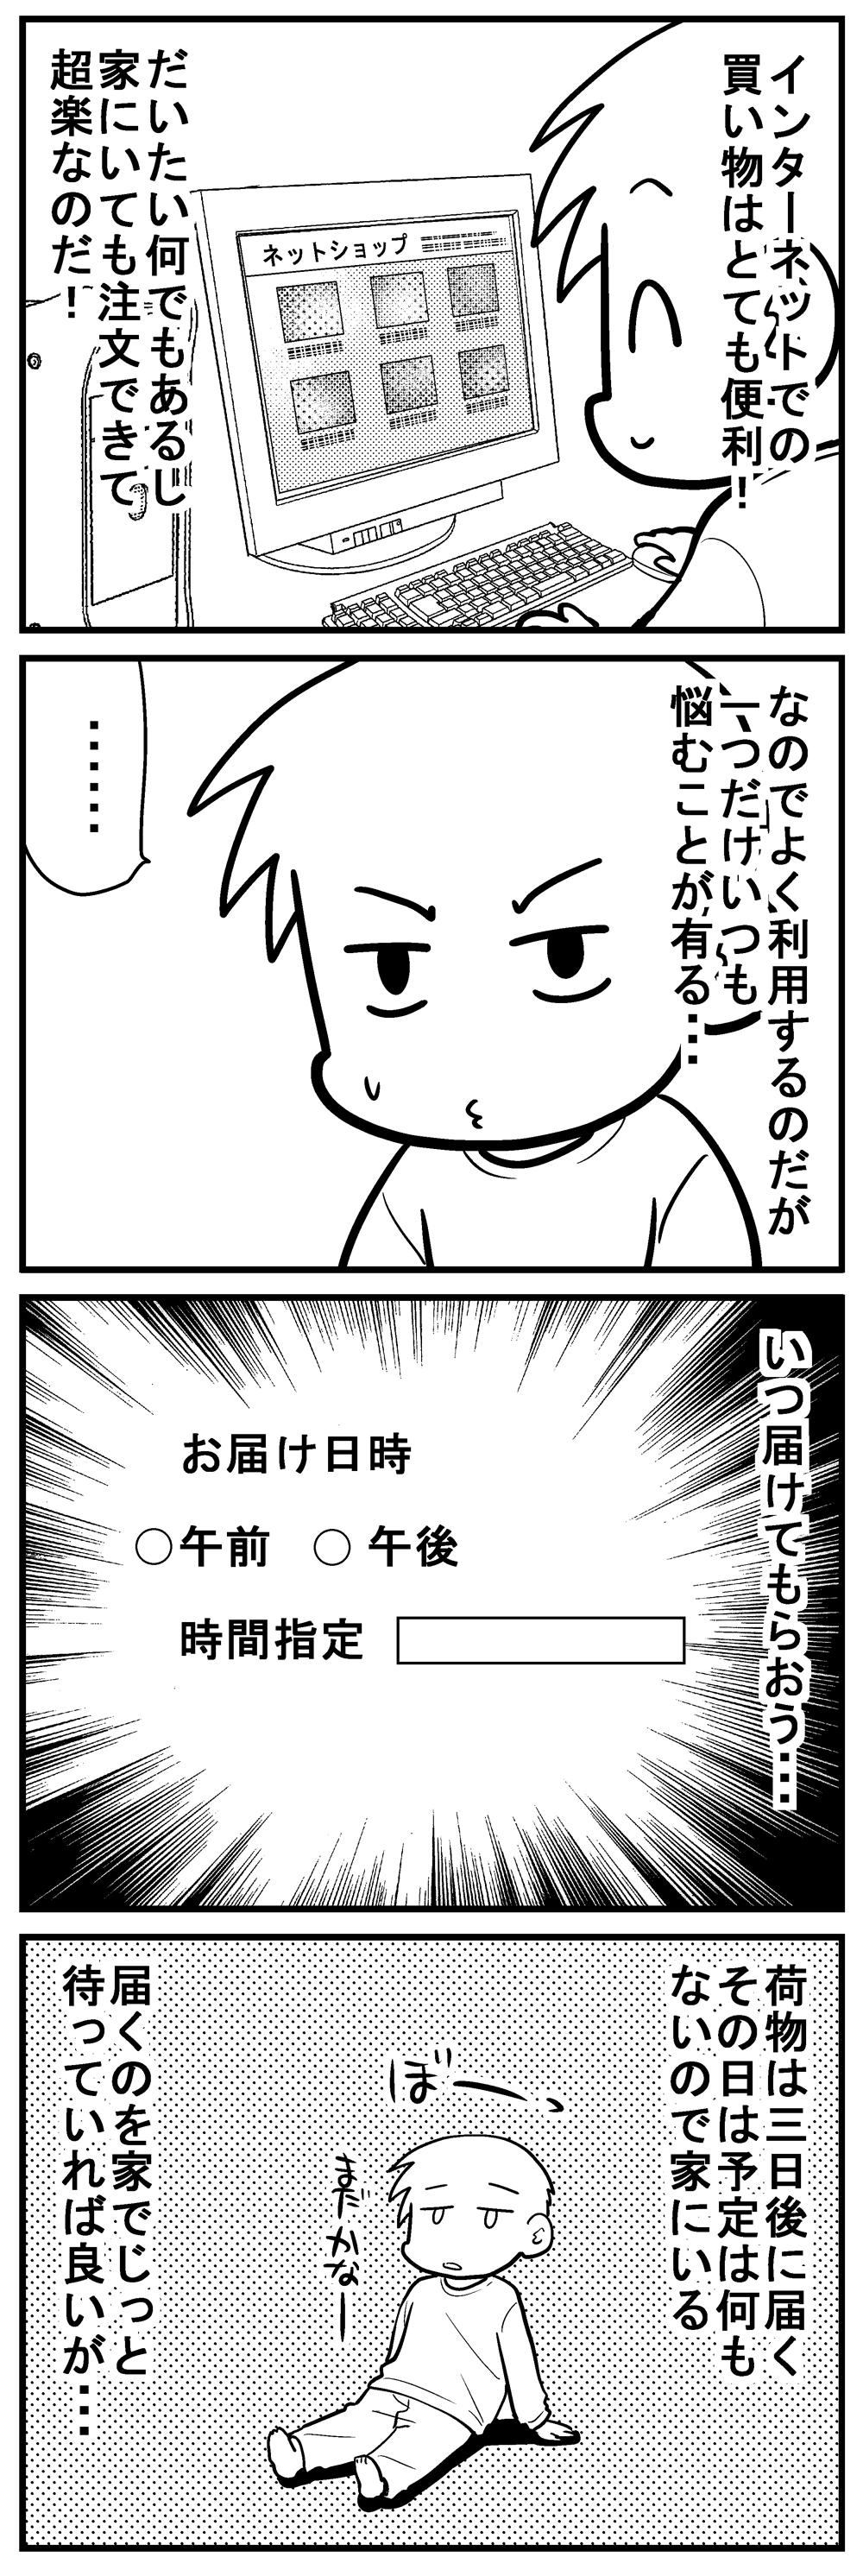 深読みくん128-1